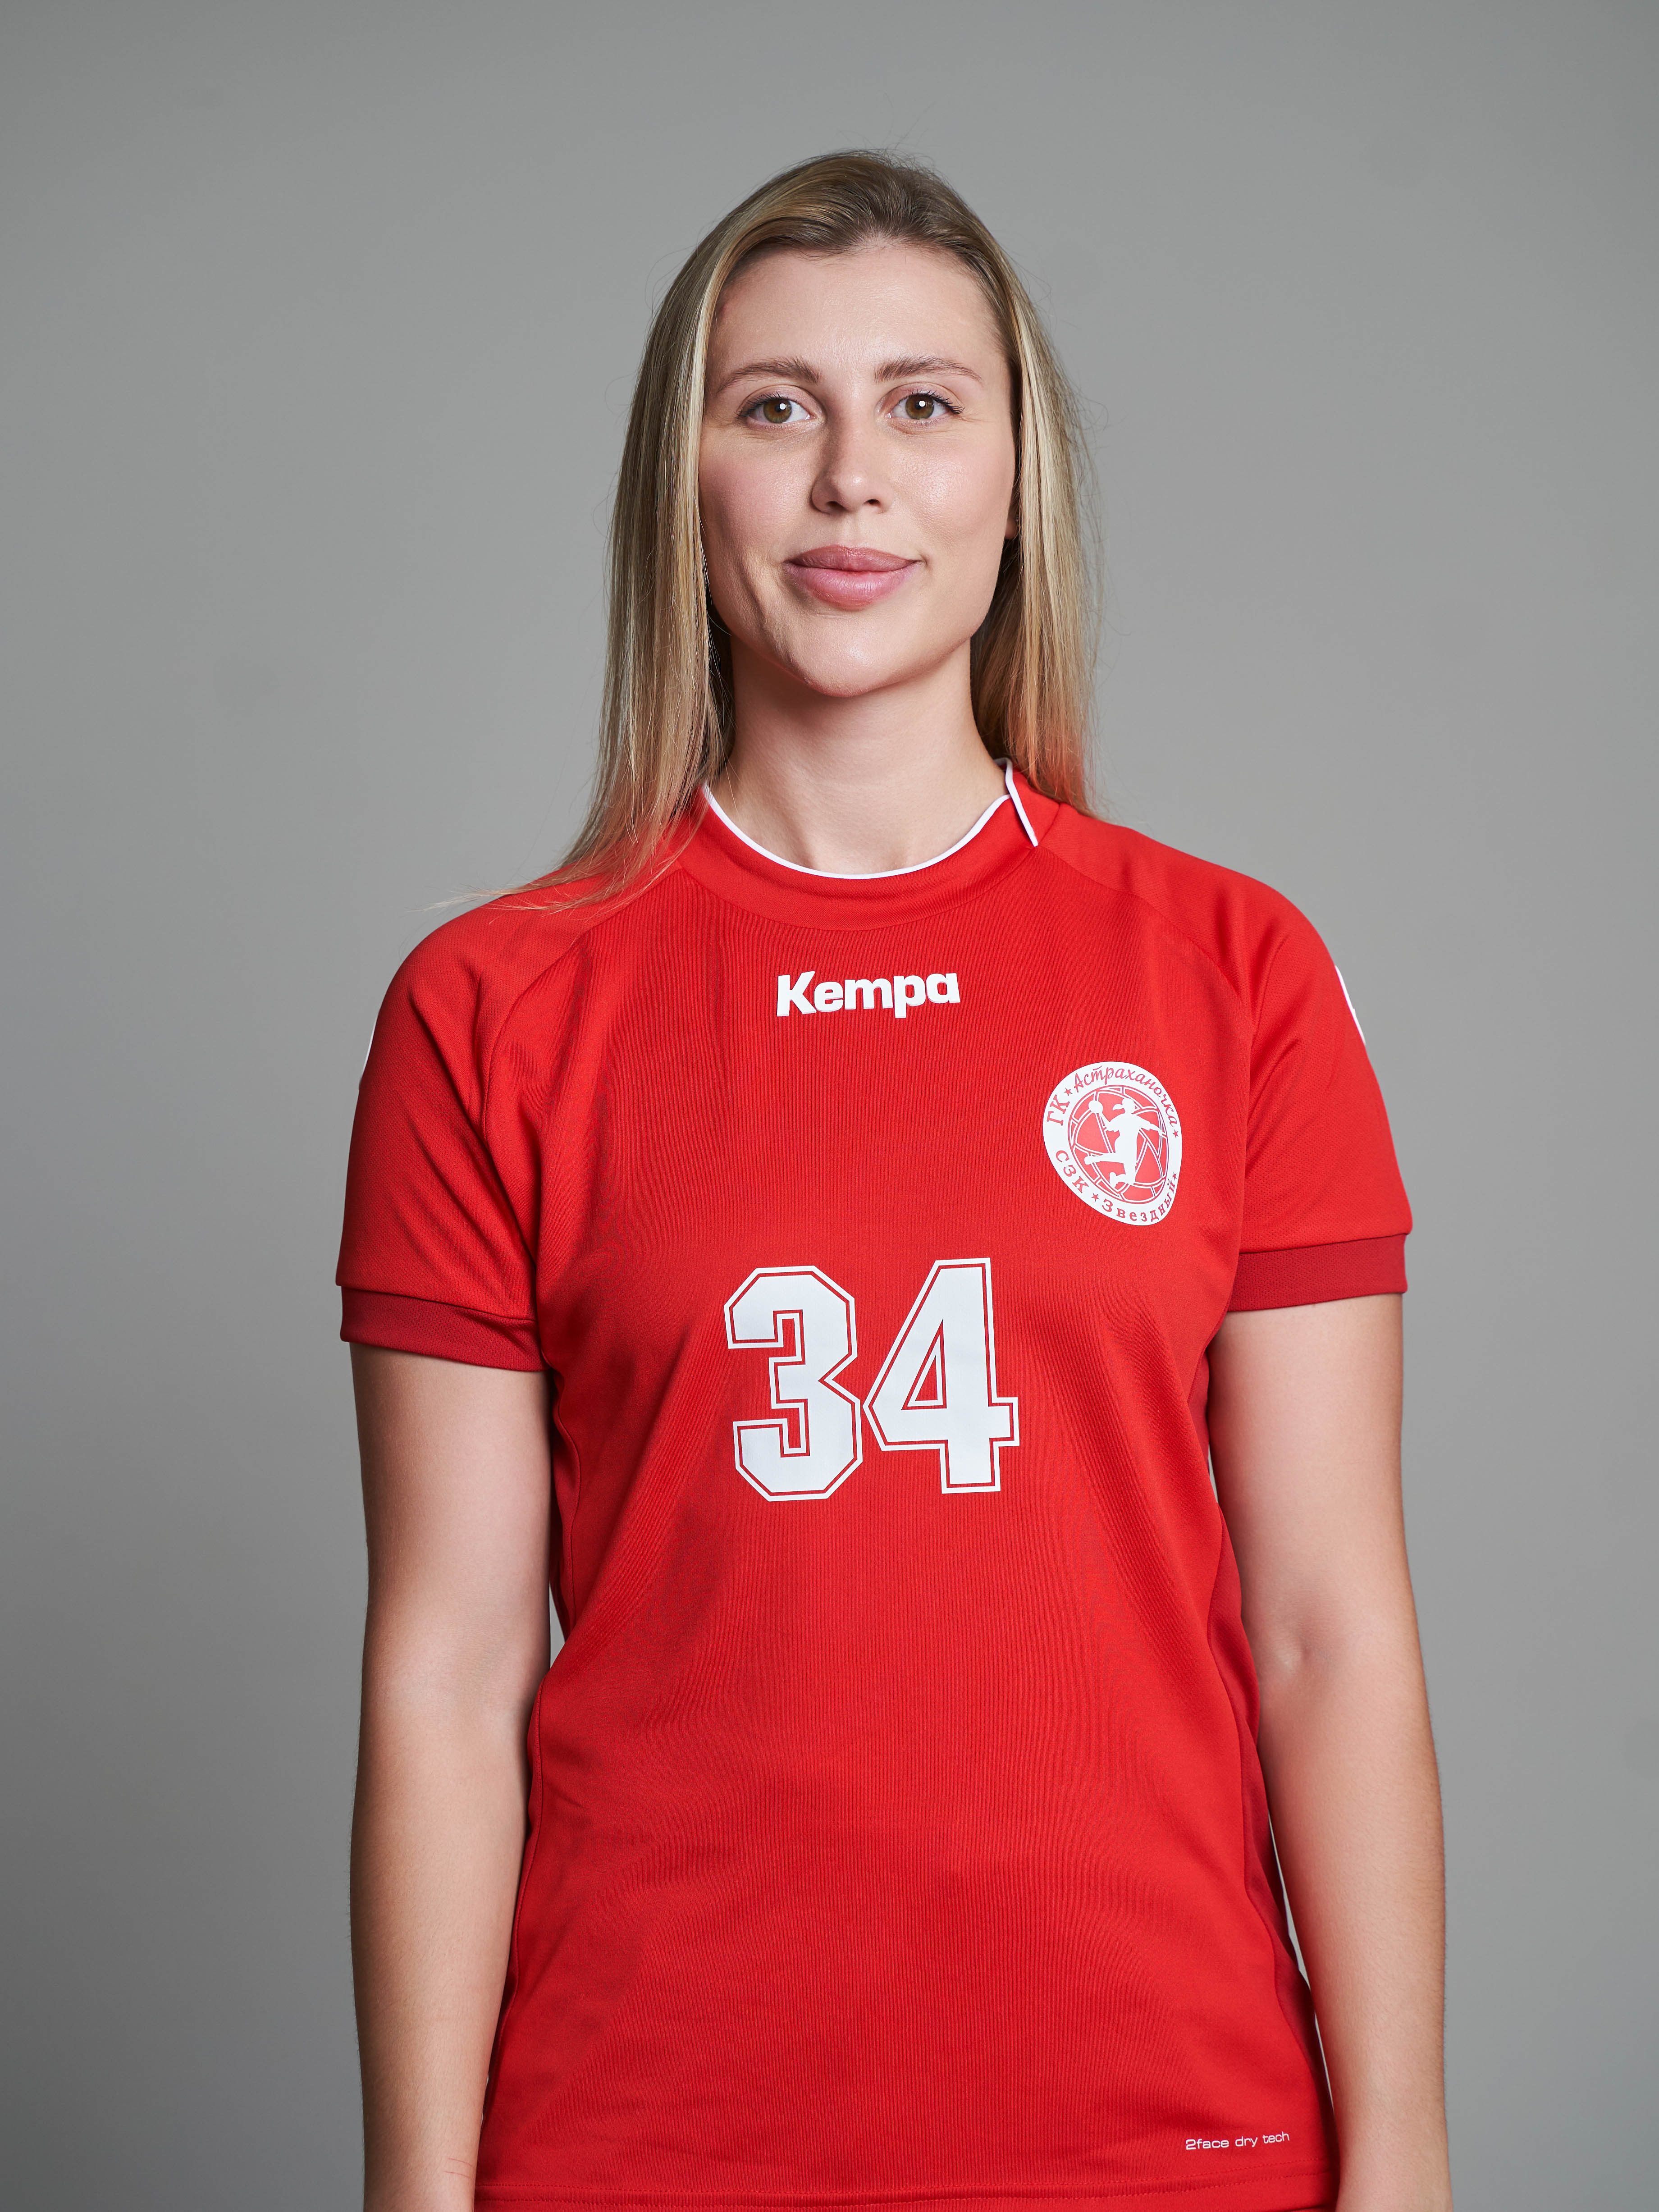 Малашенко Елизавета Вячеславовна